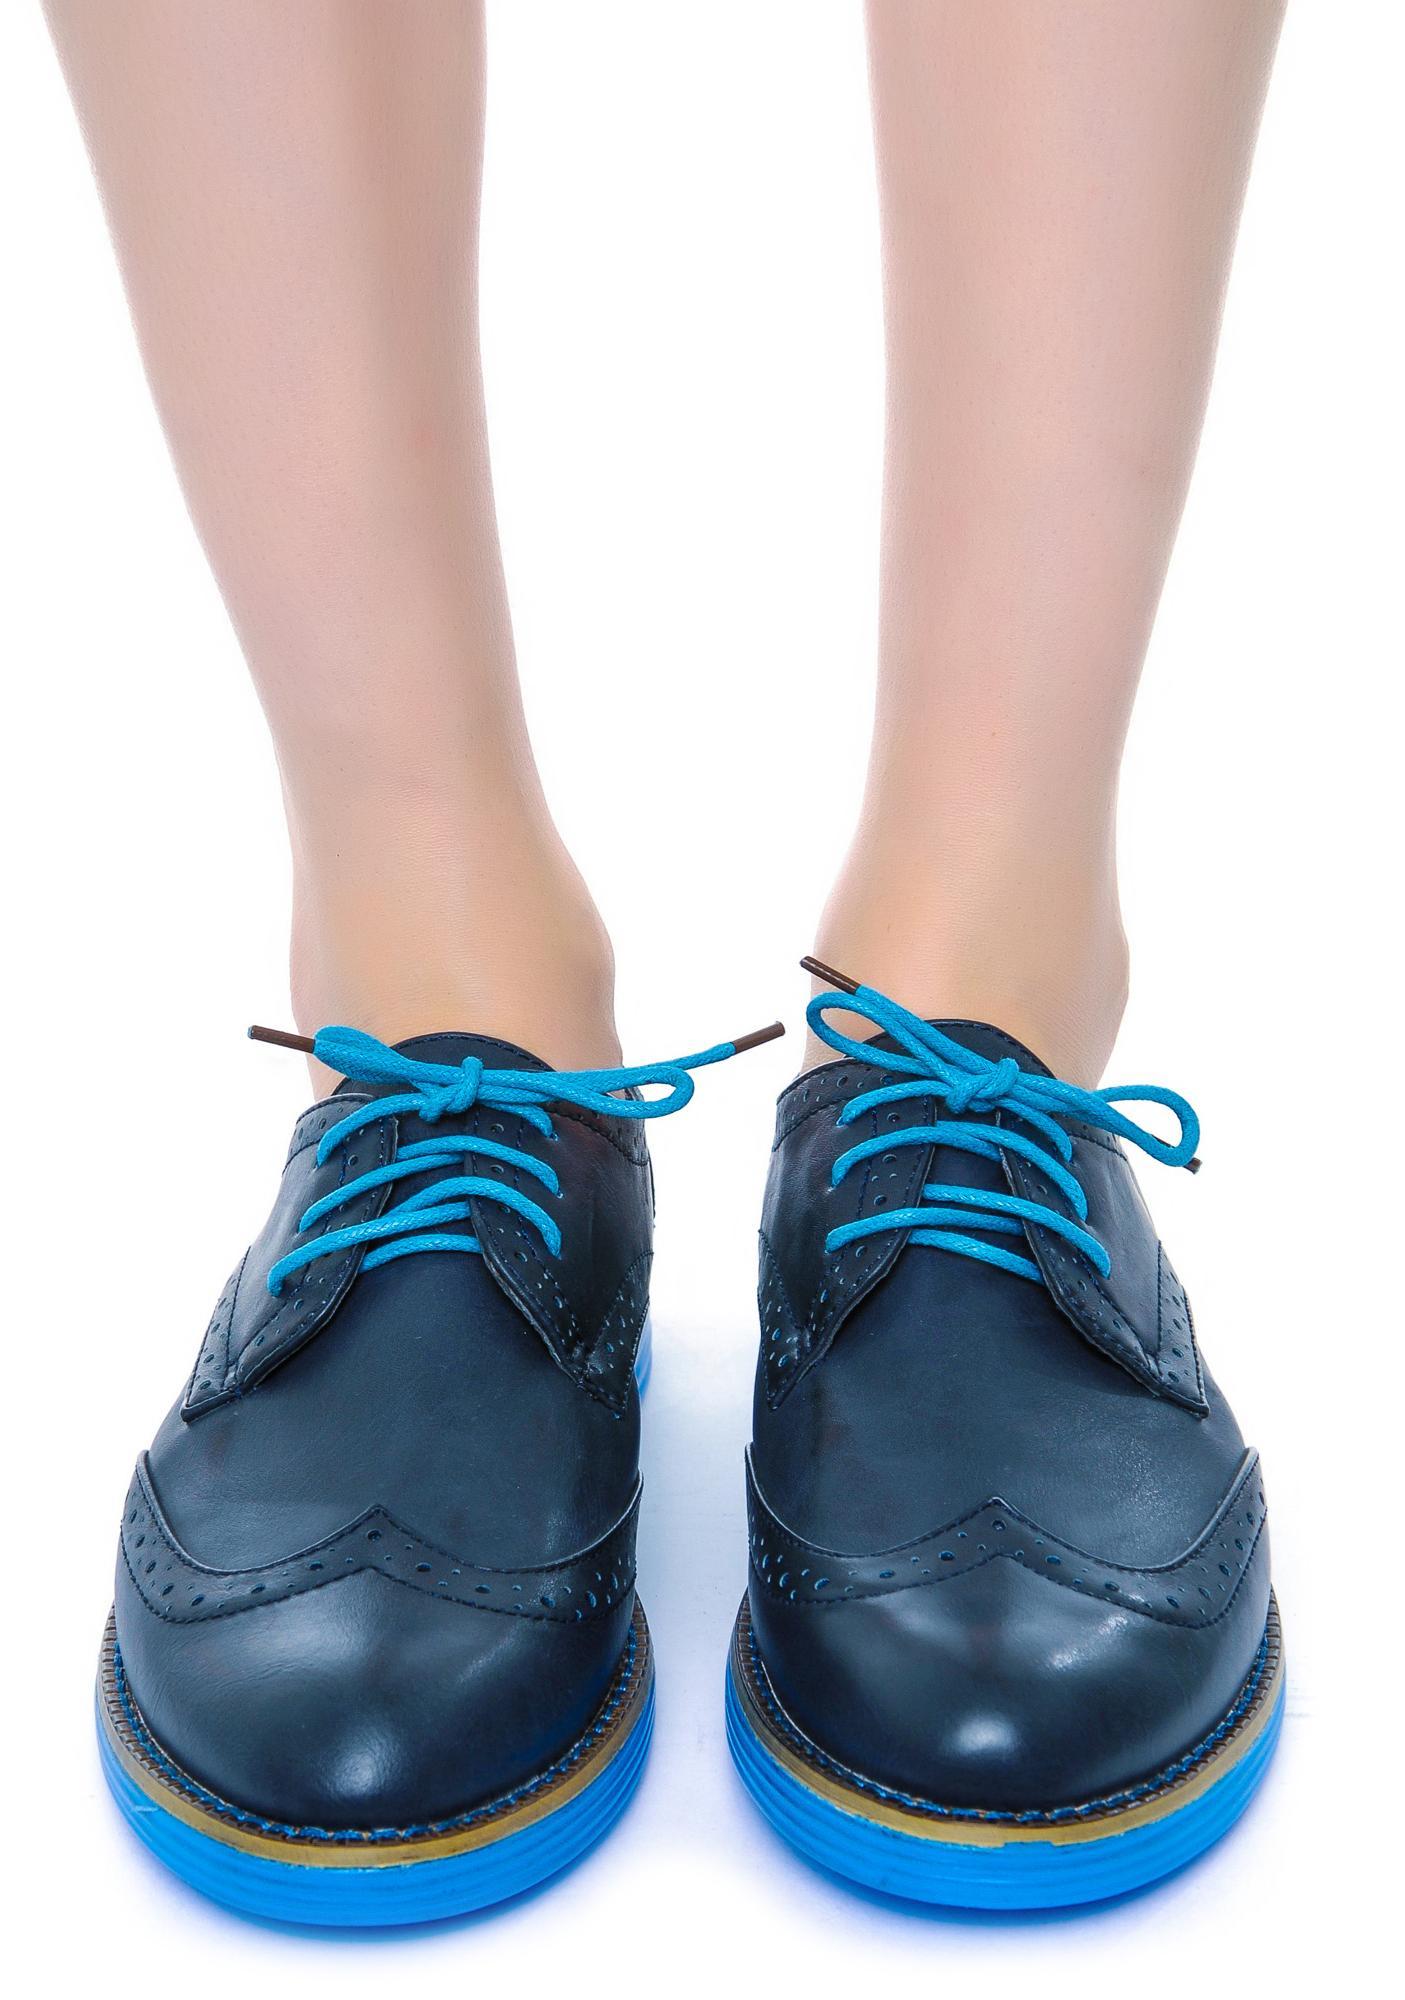 Buckeye Oxford Shoes